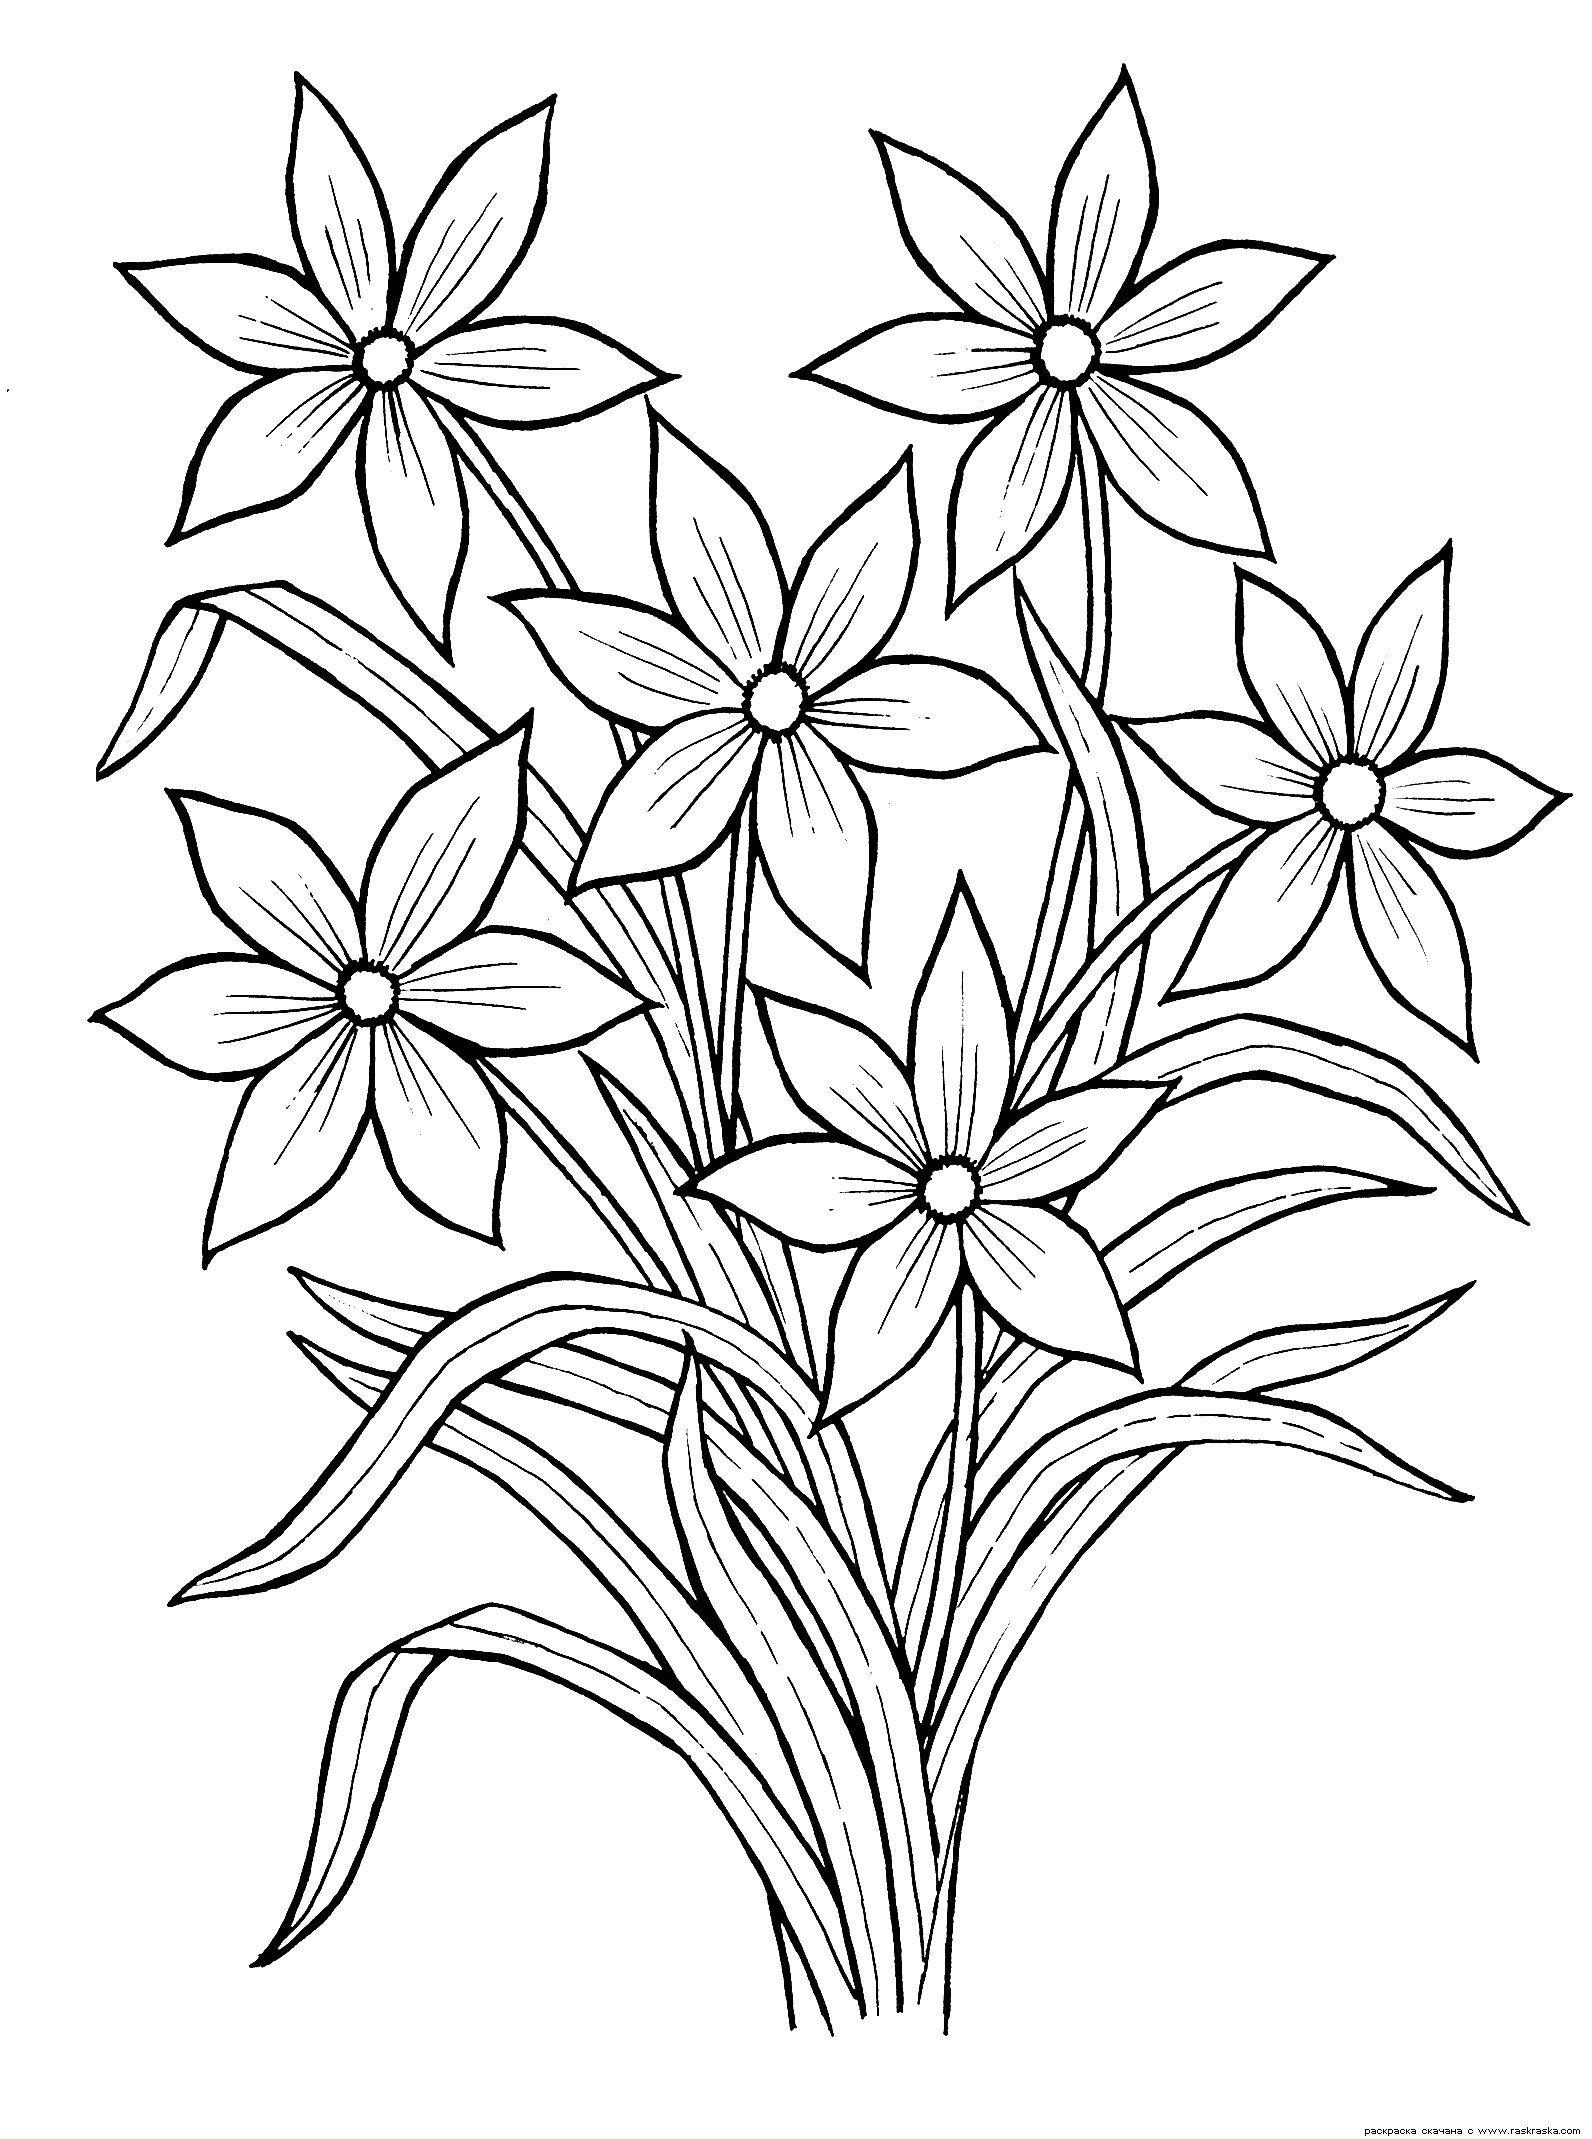 Raskraski Cvetov Rastenij Prirody Dlya Detej Raspechatat Stranica 6 Flower Drawing Embroidery Flowers Pattern Flower Embroidery Designs